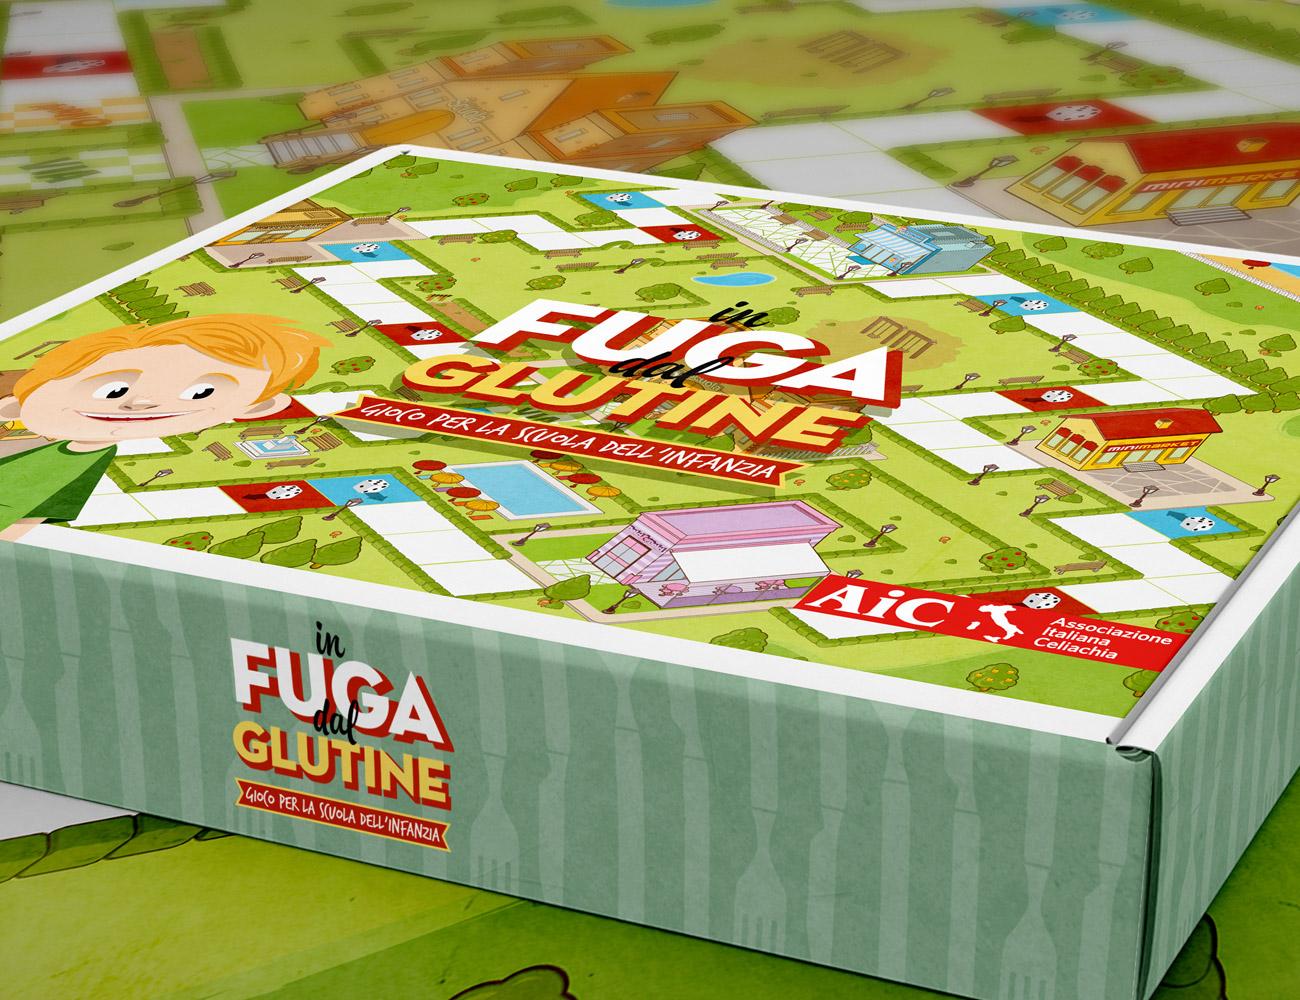 aic-celiachia-gioco-in-fuga-dal-glutine-simone-roveda-libri-bambini-intolleranze-alimentari